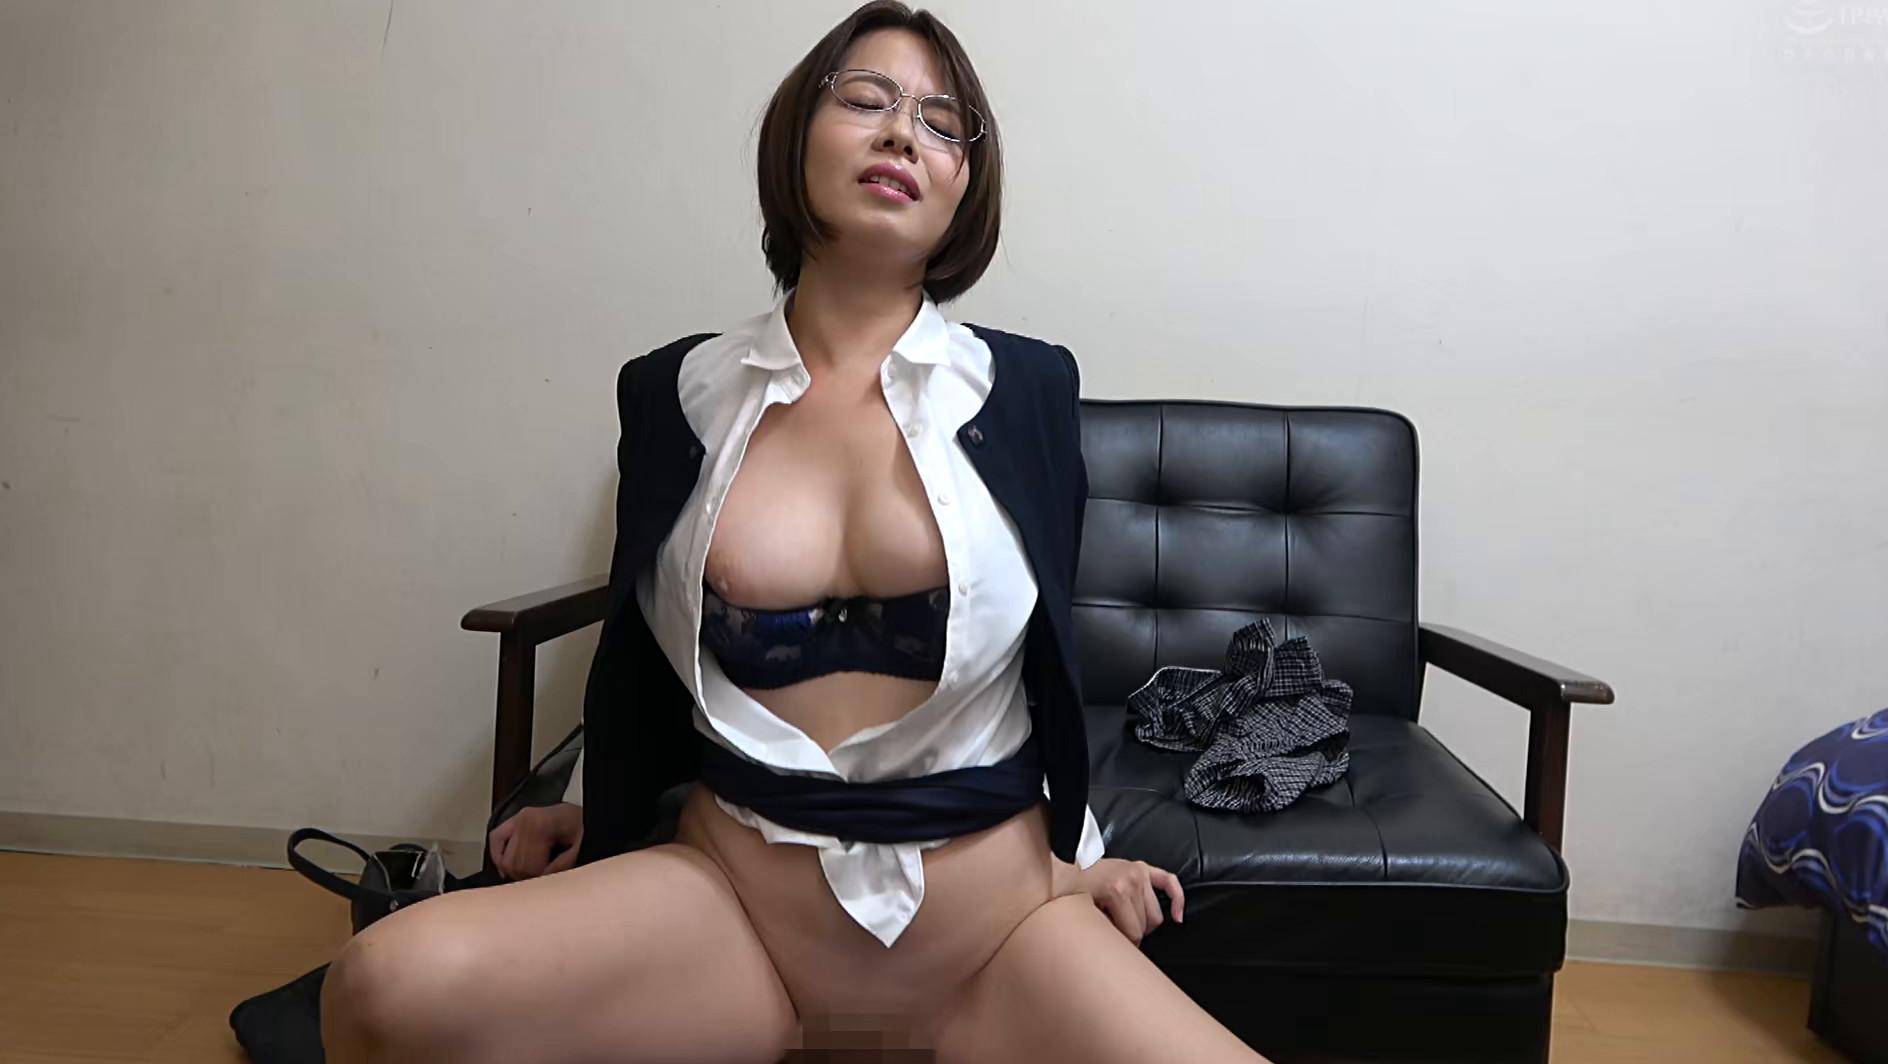 独り暮らしの男性に枕営業で契約をGETするデカパイ営業レディ 赤瀬尚子,のサンプル画像7